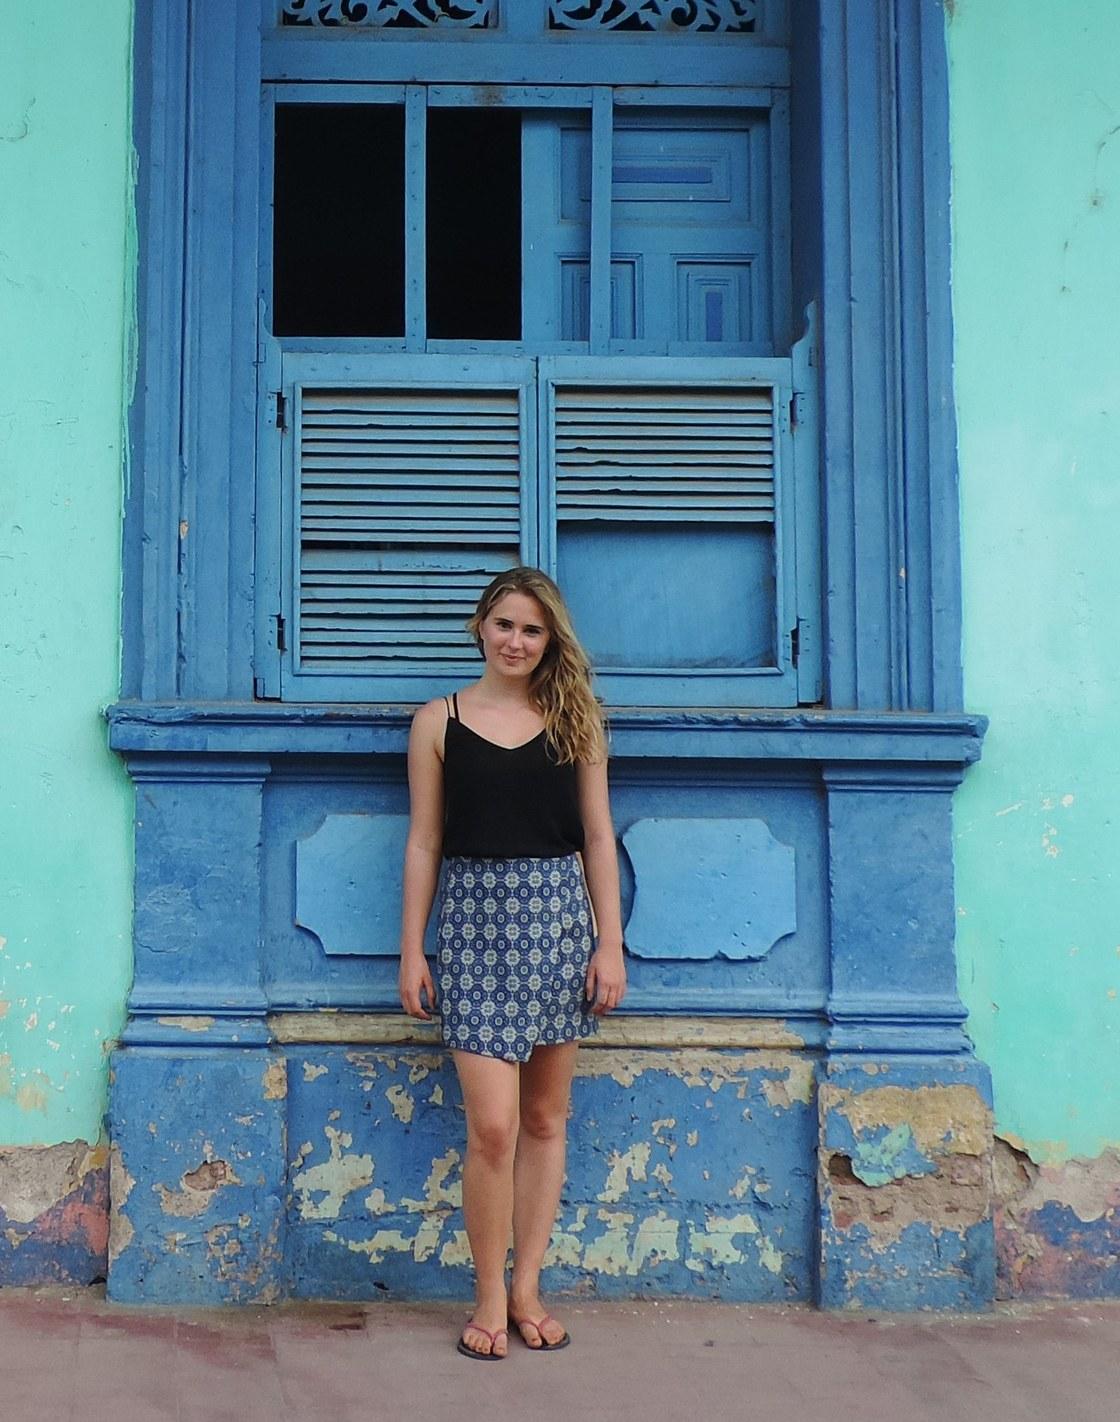 Charlotte Junge (Bachelor of Arts)